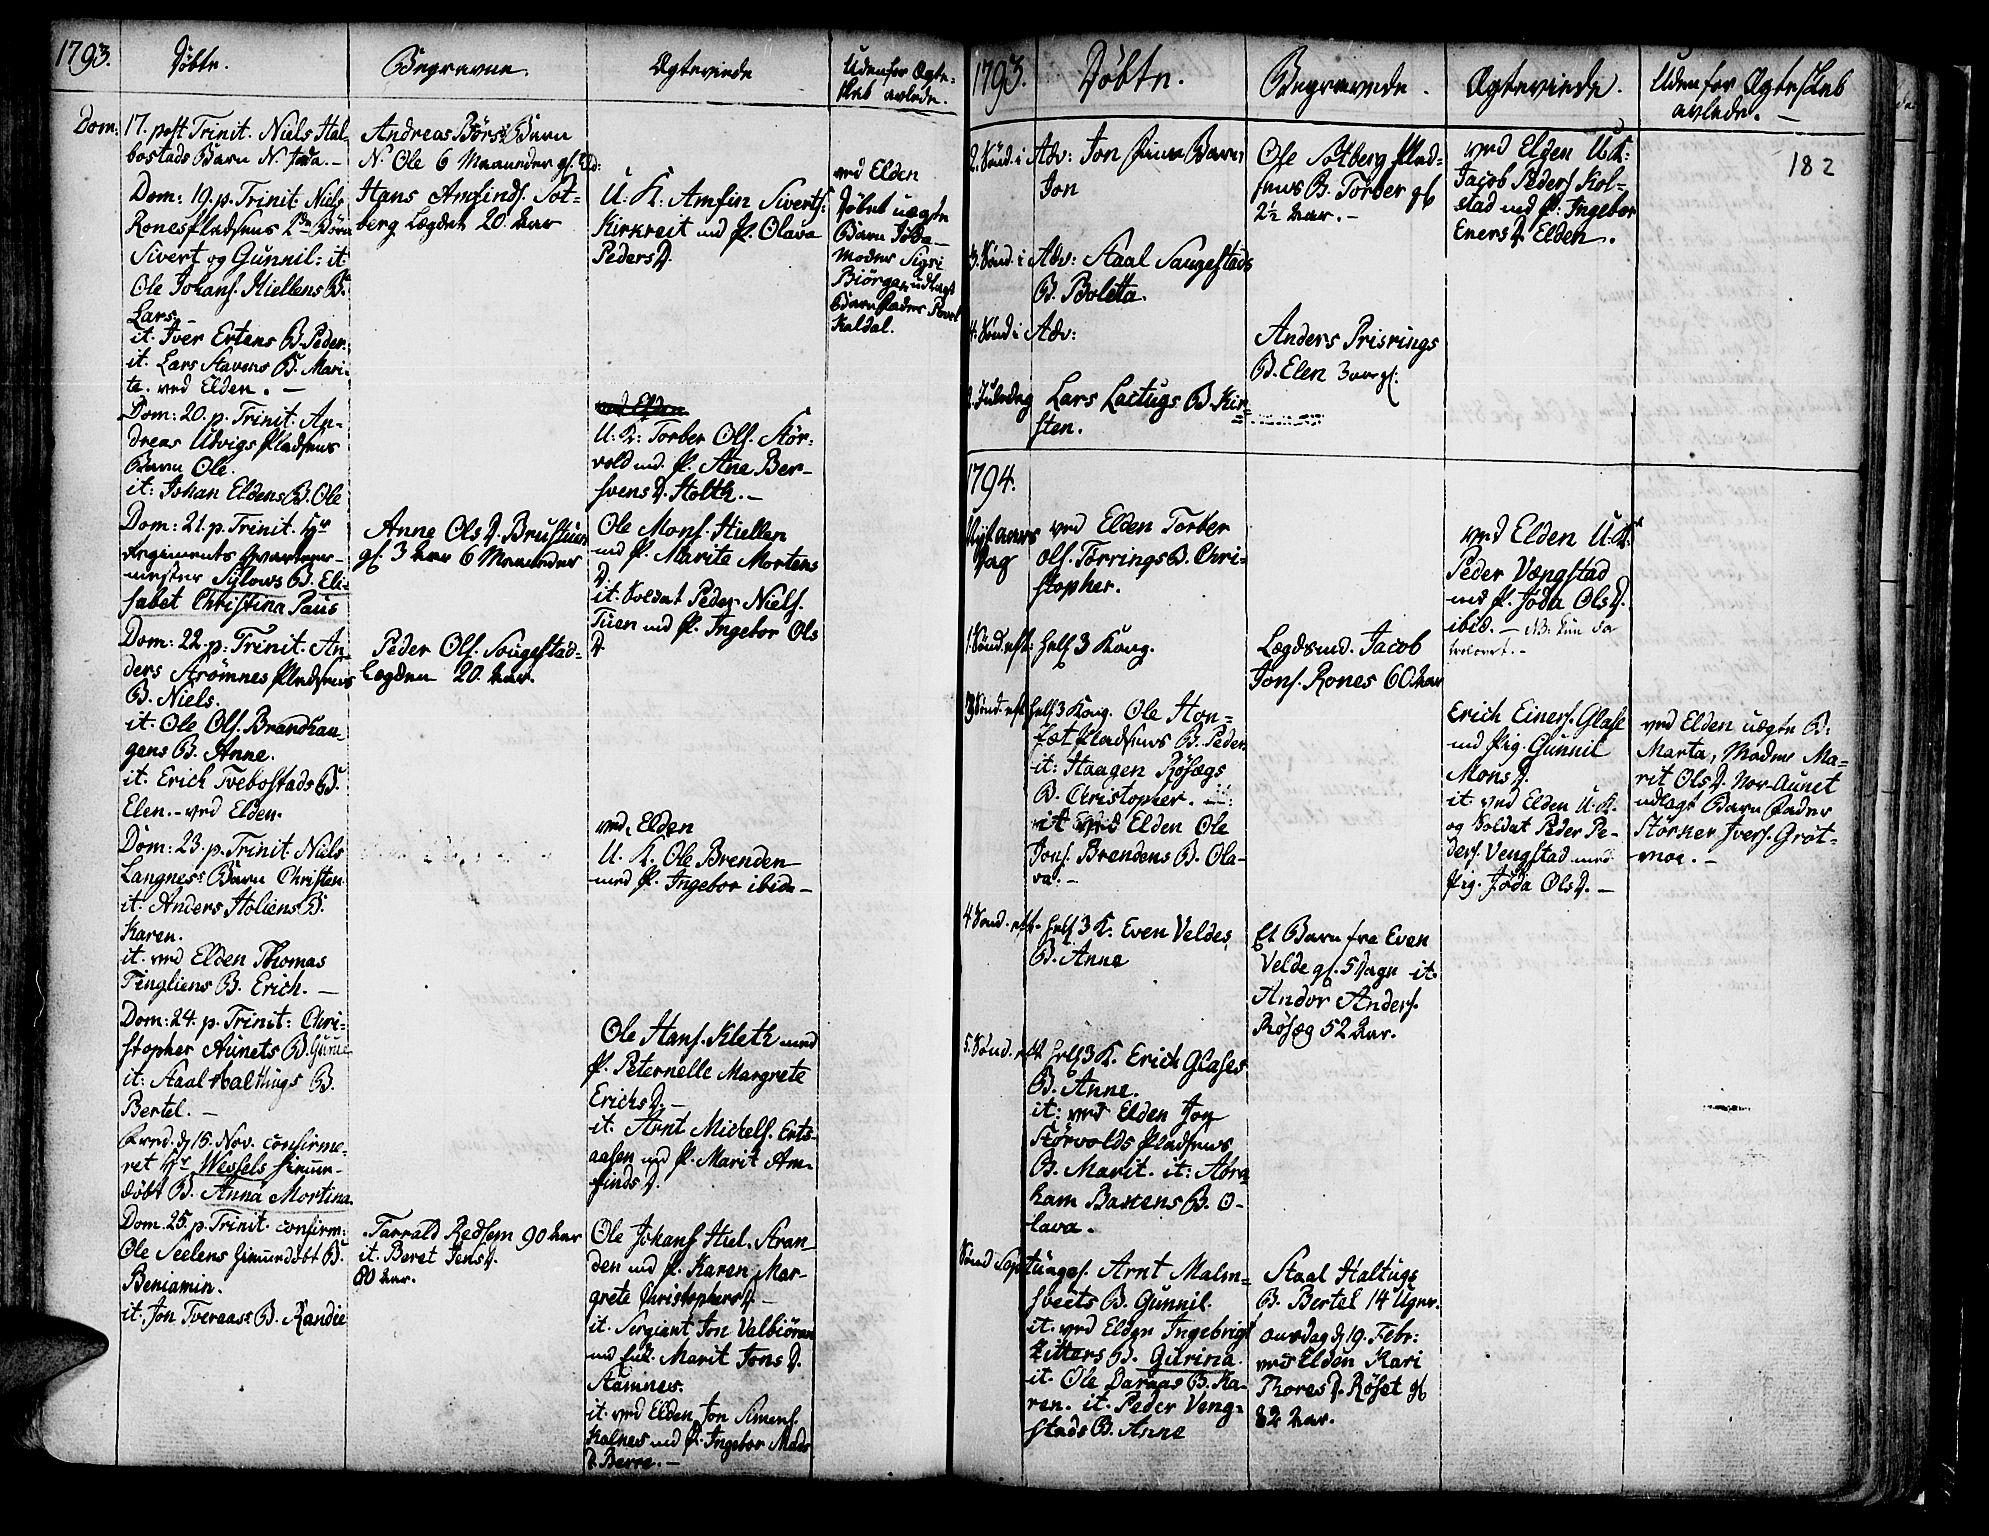 SAT, Ministerialprotokoller, klokkerbøker og fødselsregistre - Nord-Trøndelag, 741/L0385: Ministerialbok nr. 741A01, 1722-1815, s. 182